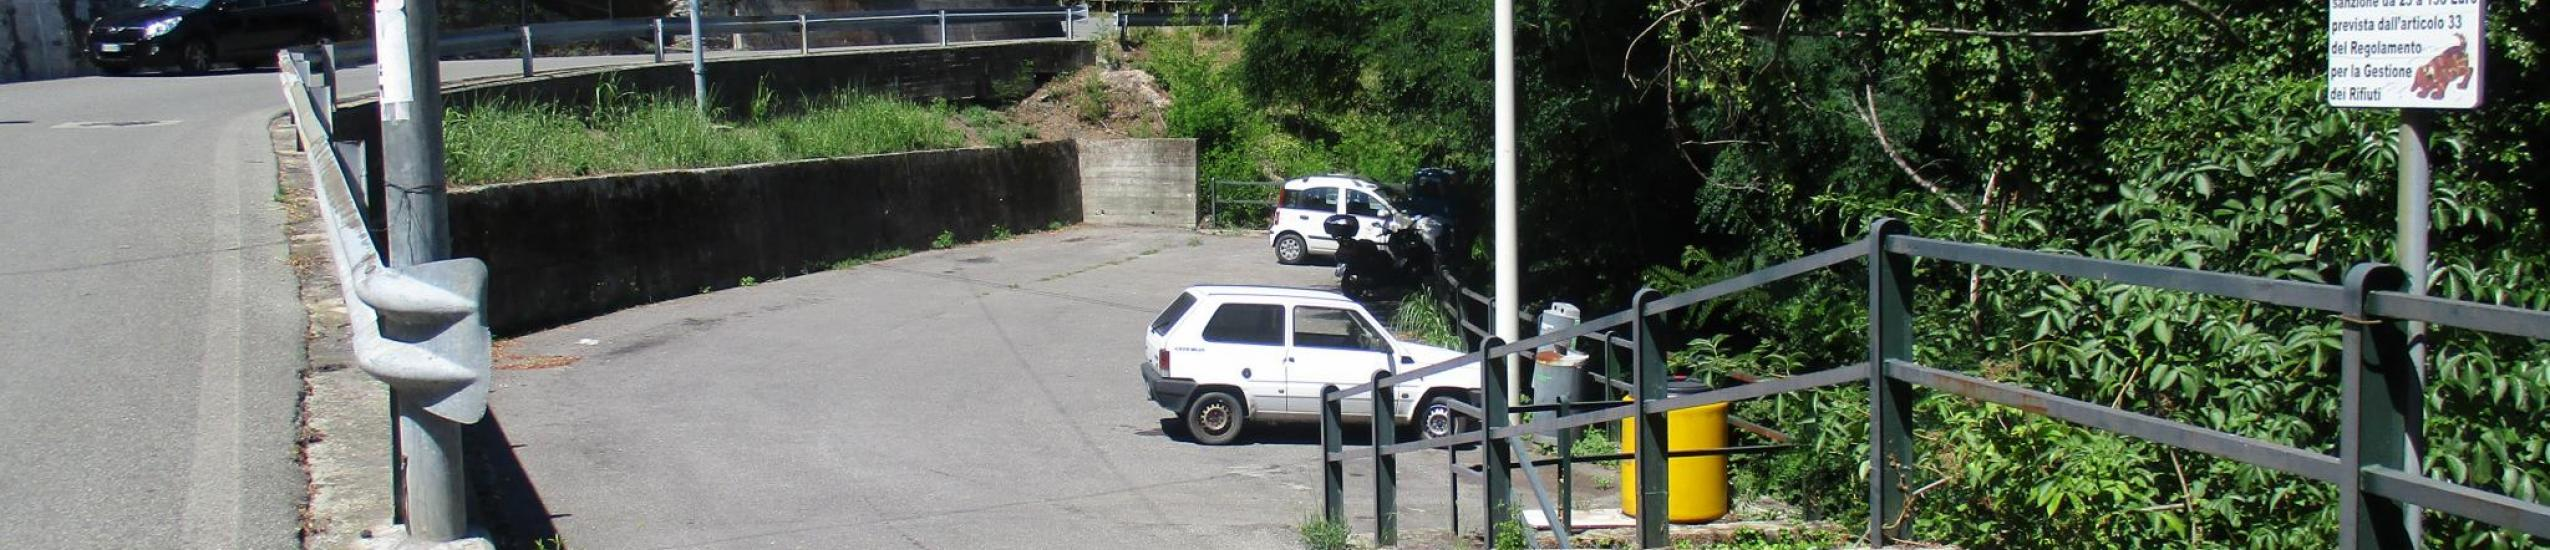 Il parcheggio sottostrada